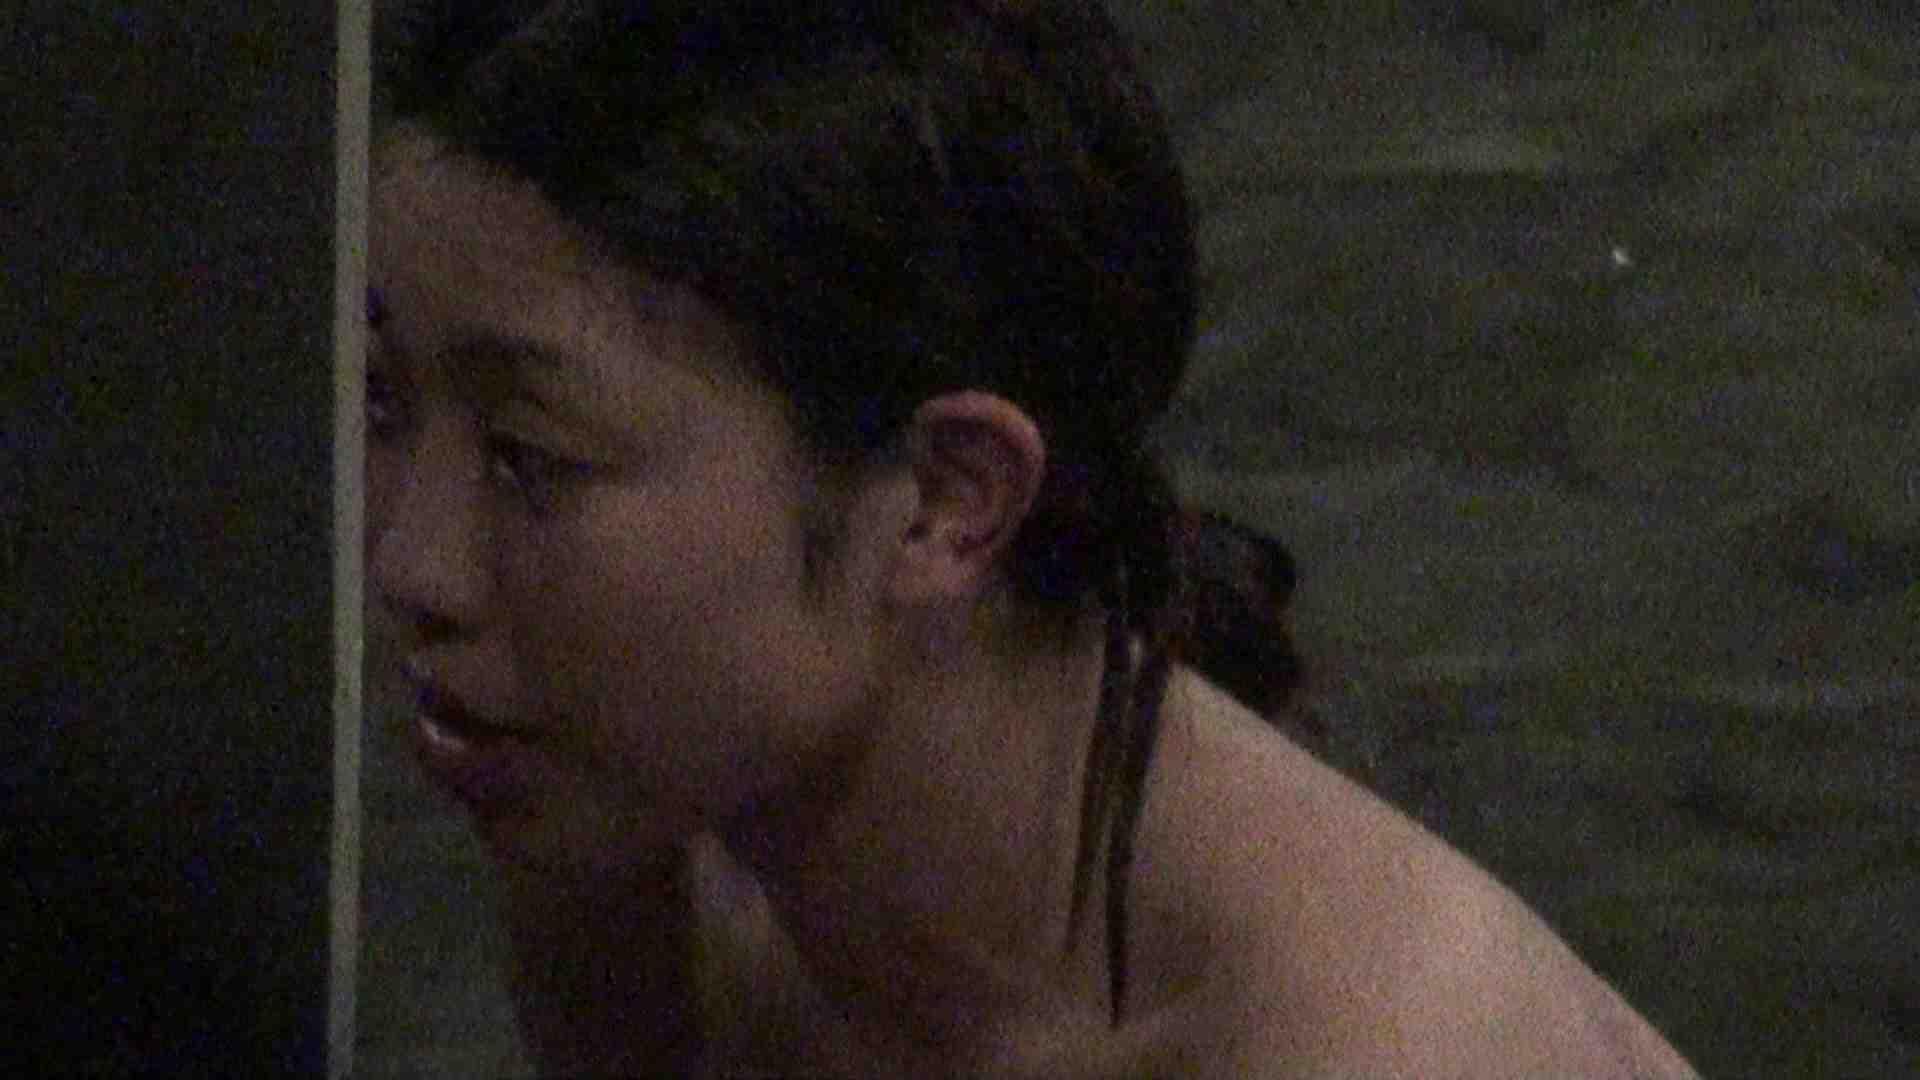 Aquaな露天風呂Vol.330 OLのエロ生活  101連発 66